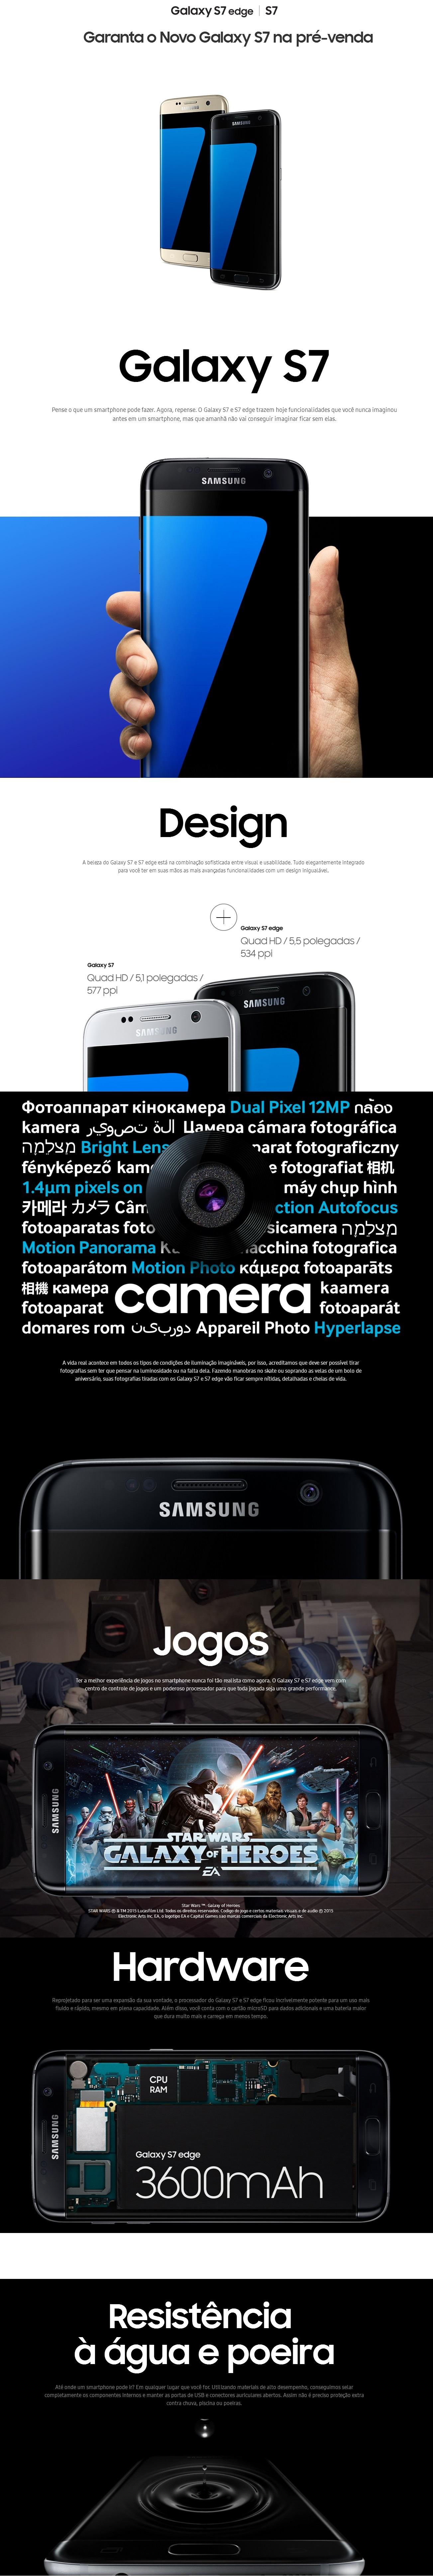 8e41653e5d O Samsung Galaxy S7 trás o que há de mais avançado na tecnologia para a sua  rotina. Possui tela de 5.1